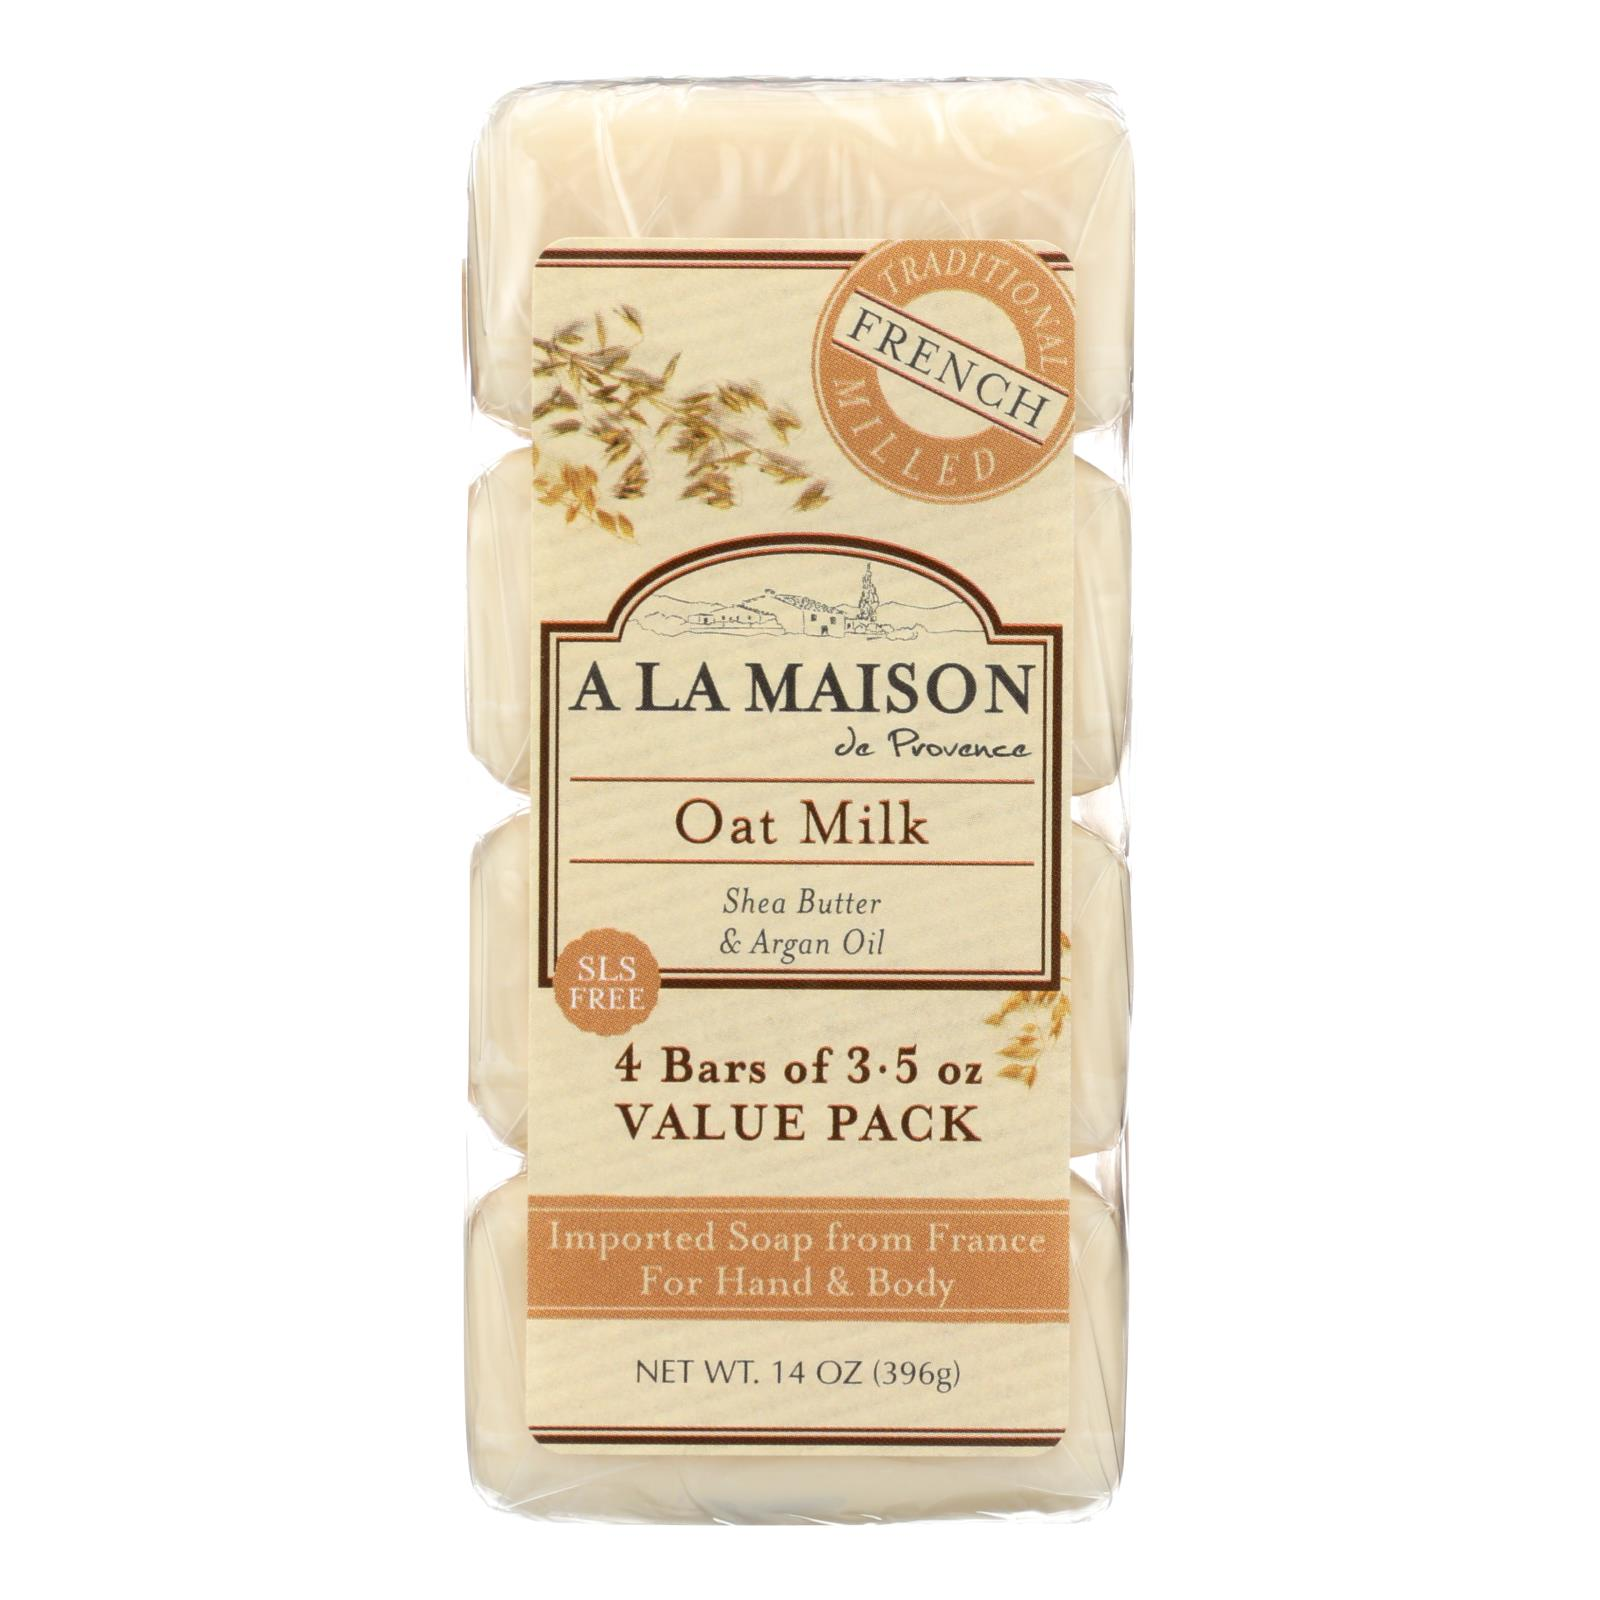 A La Maison - Bar Soap - Oat Milk - Value 4 Pack